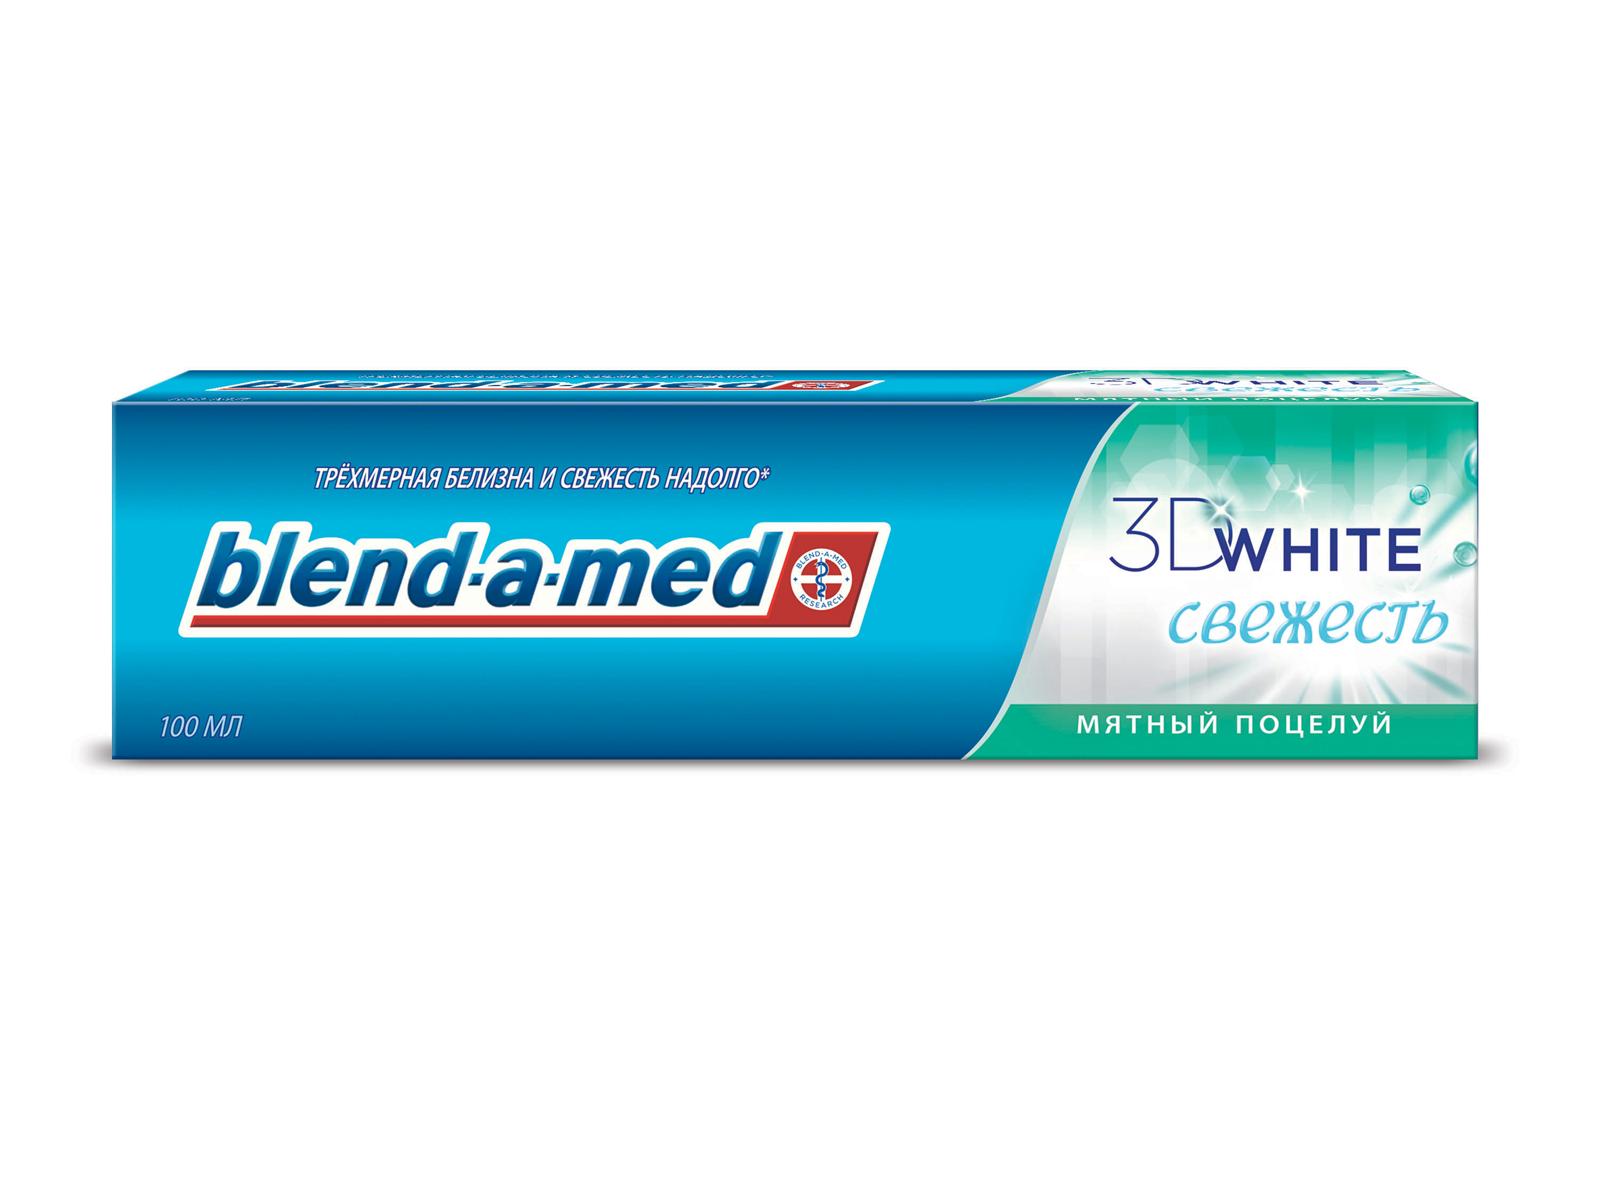 Blend-a-med Зубная паста 3D White Свежесть Мятный Поцелуй, 100 млBM-81419622Зубная паста Blend-a-med 3D White Fresh Мятный поцелуй позволяет сохранять свежее дыхание до 6 раз дольше*! Blend-a-med 3D White Fresh Мятный поцелуй дарит вам уверенность в себе. Она не только освежает дыхание, но и обладает таким же отбеливающим эффектом, как и остальные зубные пасты семейства 3D White: специальные вещества 3D Fresh придают свежесть, отбеливающие частицы, оказывающие воздействие на поверхность языка, десен и зубов, сохраняют ваши зубы ослепительно белоснежными во всех трех измерениях – впереди, сзади и даже в промежутках между зубами! Рекомендуется использовать с зубной щеткой Oral-B 3D White. *по сравнению с зубной пастой Blend-a-med 3D White - Трехмерная белизна и свежесть надолго. - Обеспечивает качественный уход за здоровьем полости рта. - Возвращает естественную белизну зубов. - Отбеливающие частицы, оказывающие воздействие на поверхность языка, десен и зубов, сохраняют ваши зубы ослепительно белоснежными во всех трех измерениях – впереди, сзади и даже в...